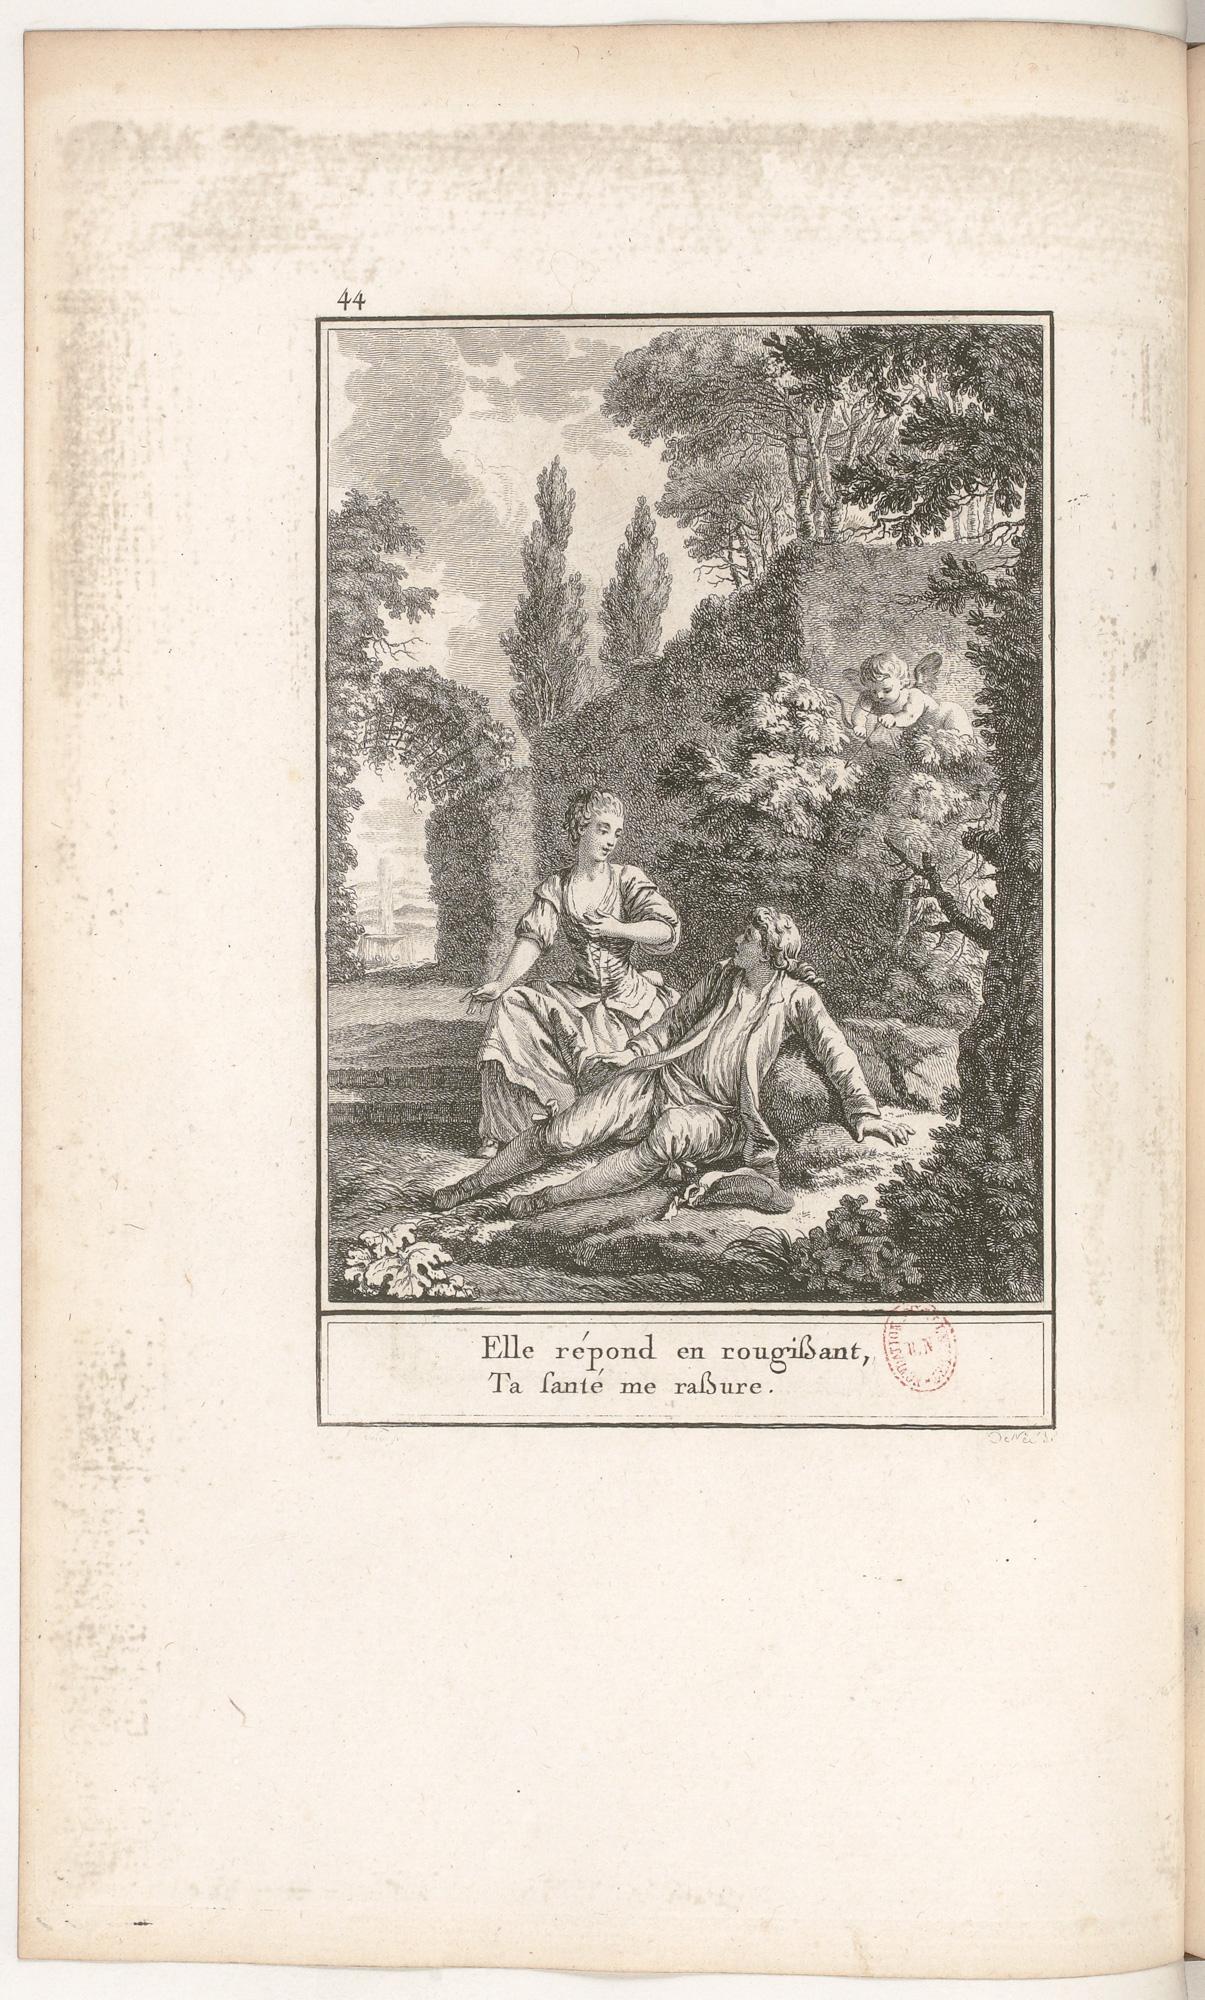 S.4.08 Les douces bléssures, 1772, Image